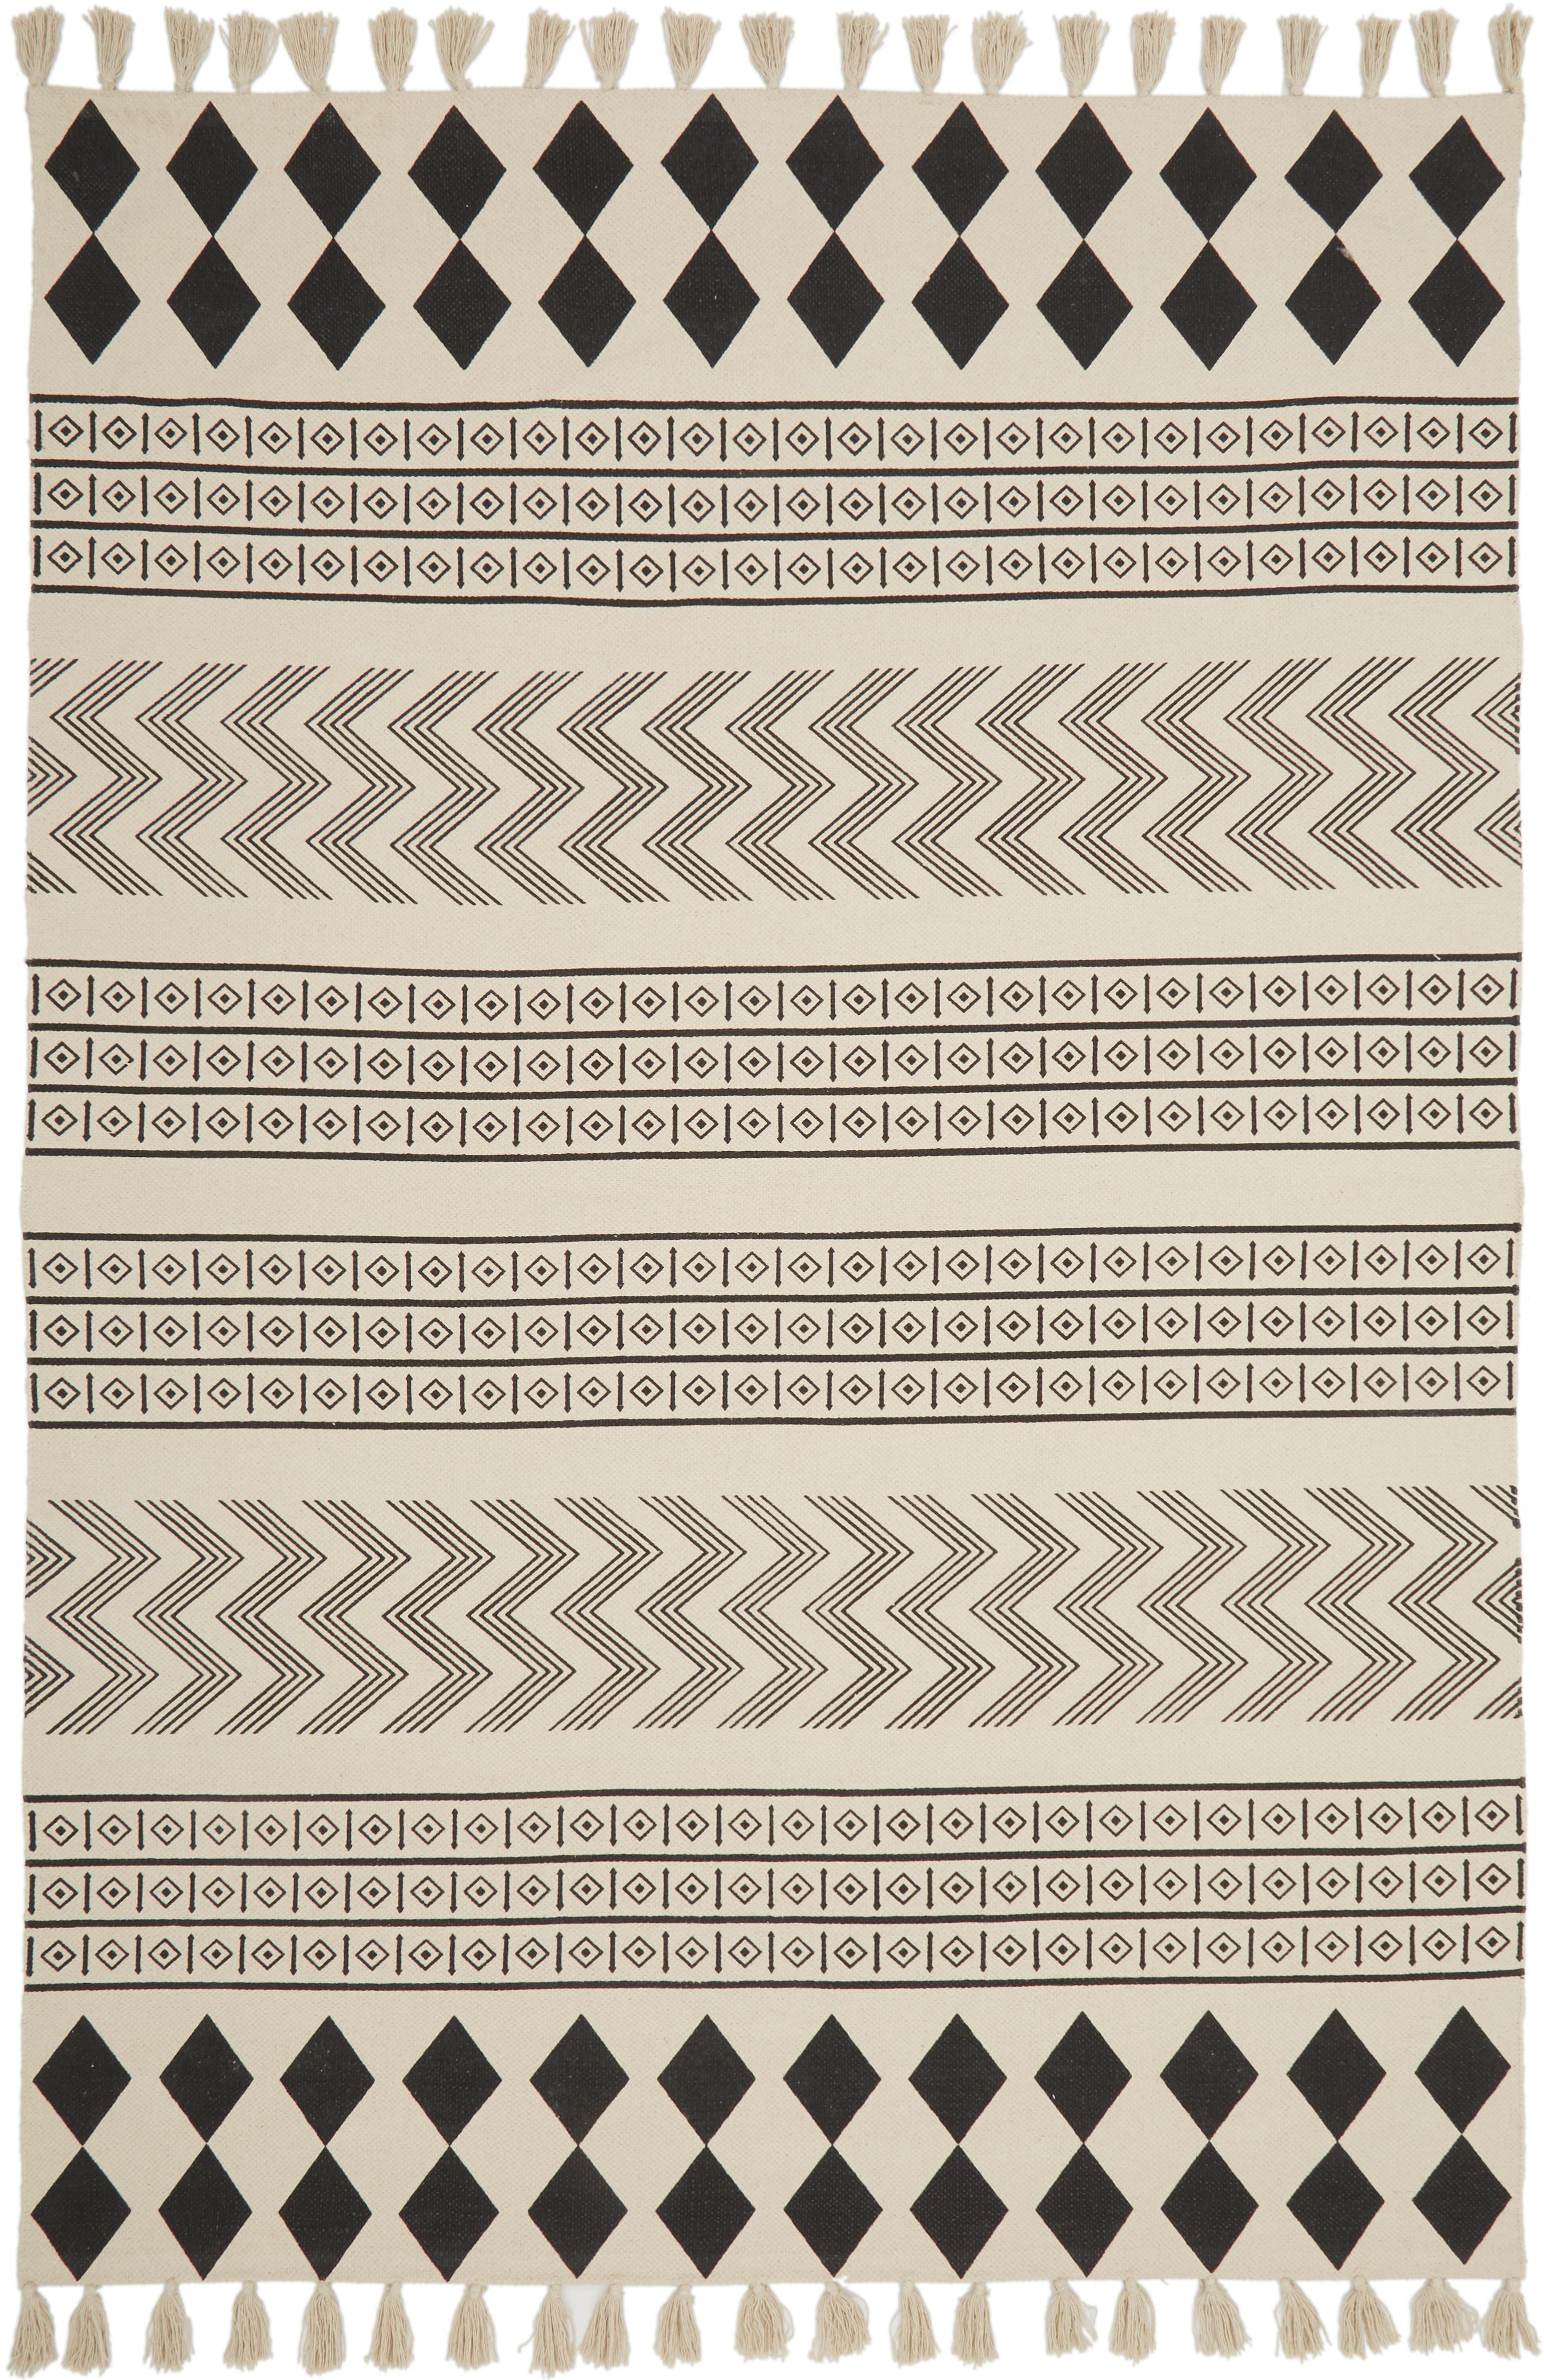 Handgewebter Baumwollteppich Edna im Ethno Style, 100% Baumwolle, Cremeweiß, Schwarz, B 160 x L 230 cm (Größe M)